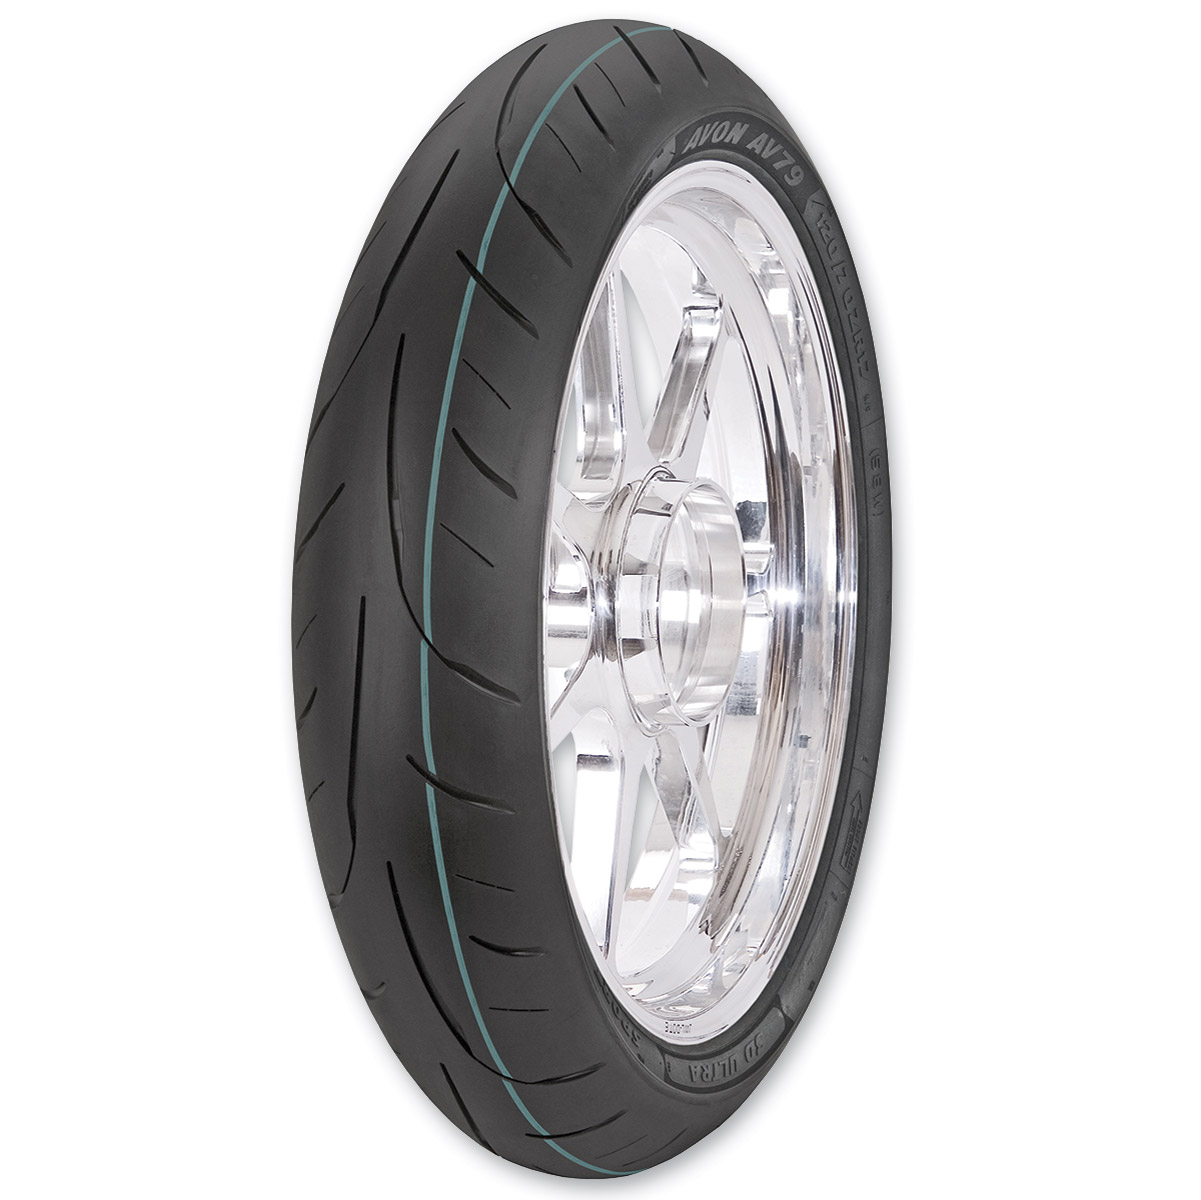 Avon AV79 3D Ultra Sport 130/70ZR16 Front Tire